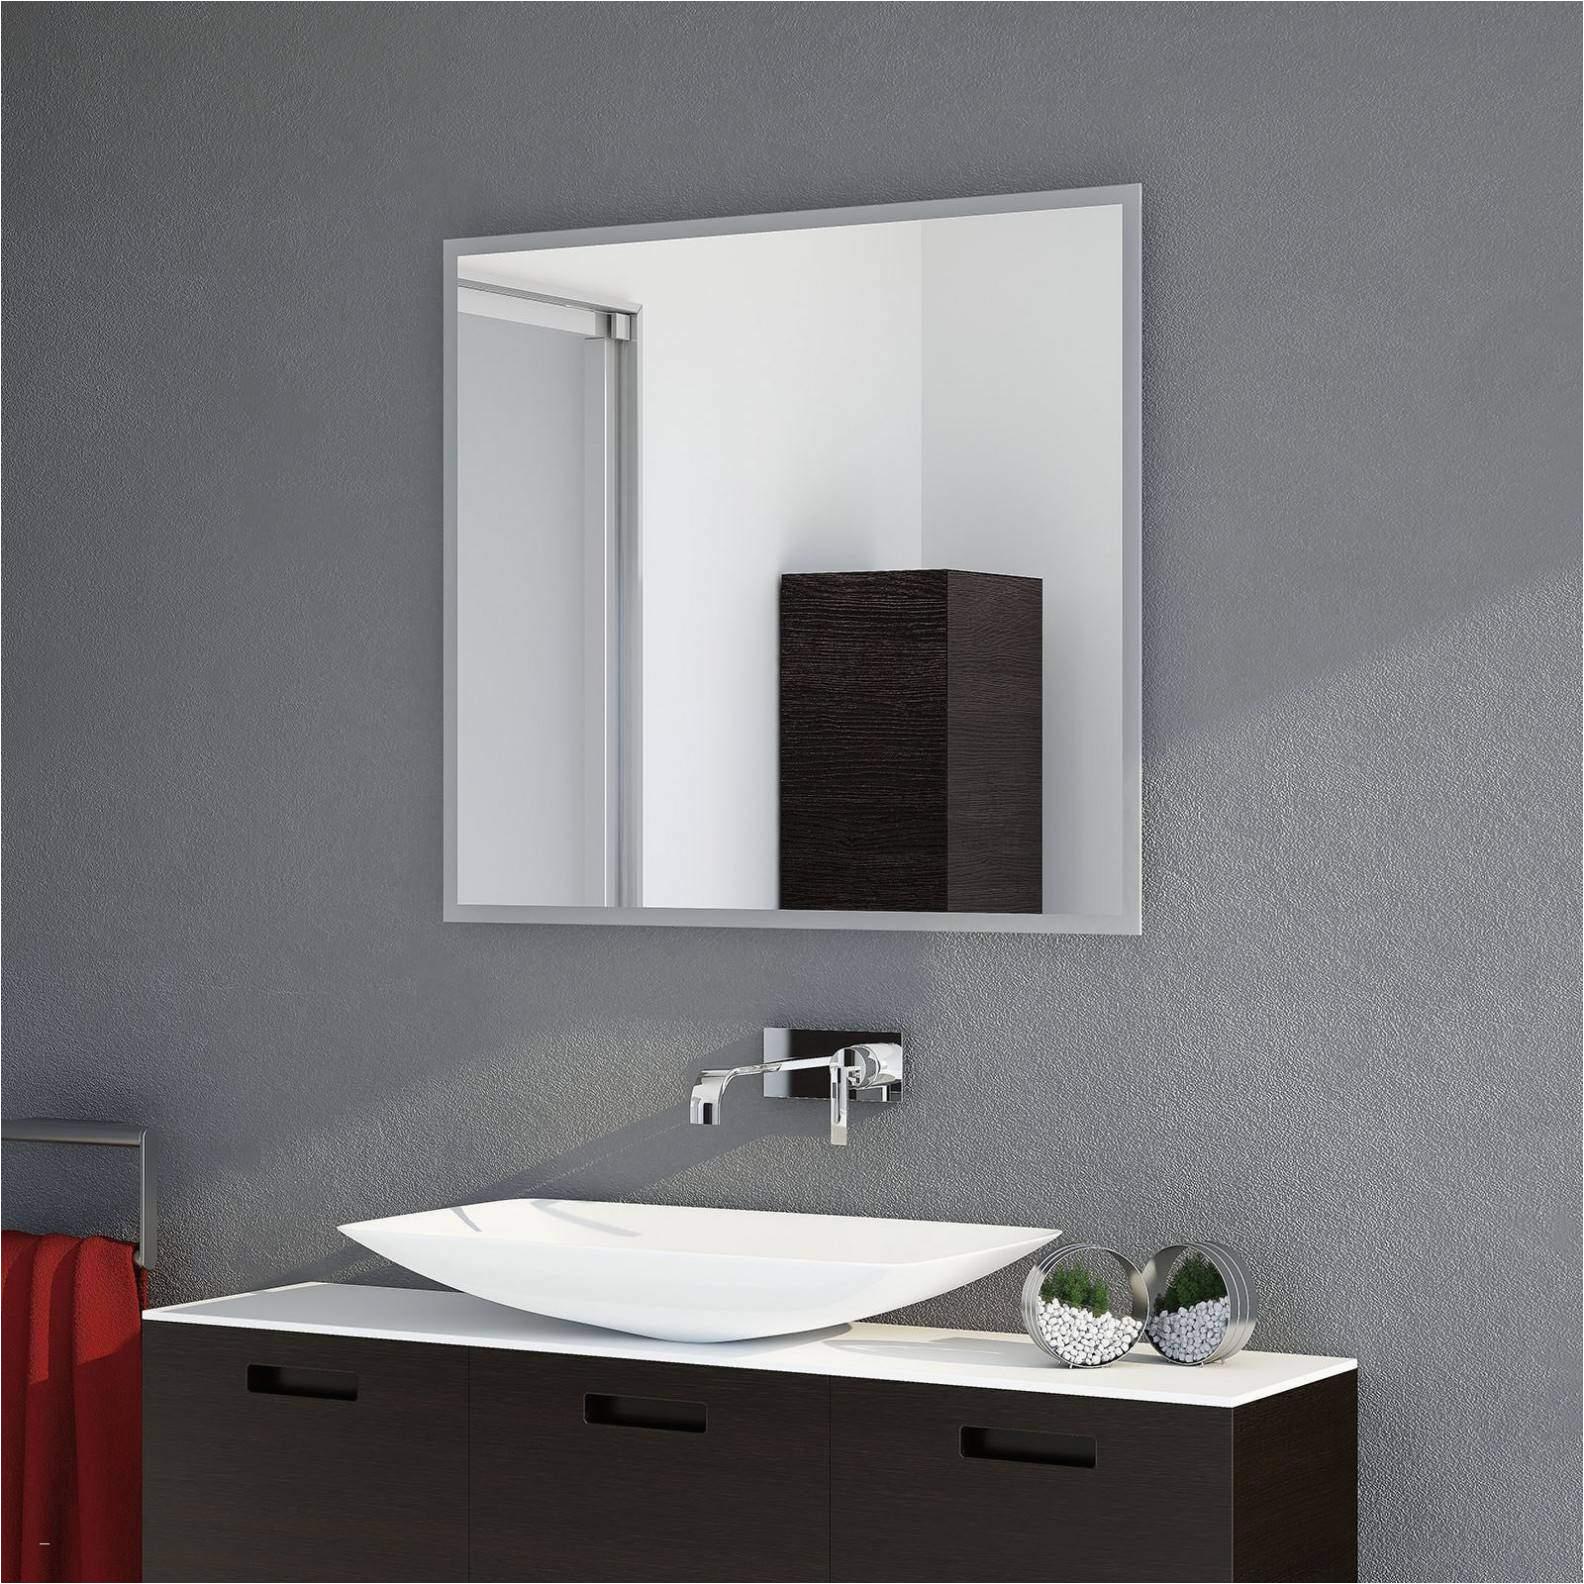 wohnzimmer spiegel luxus wohnzimmer spiegel mit ablage inspirierend of wohnzimmer spiegel